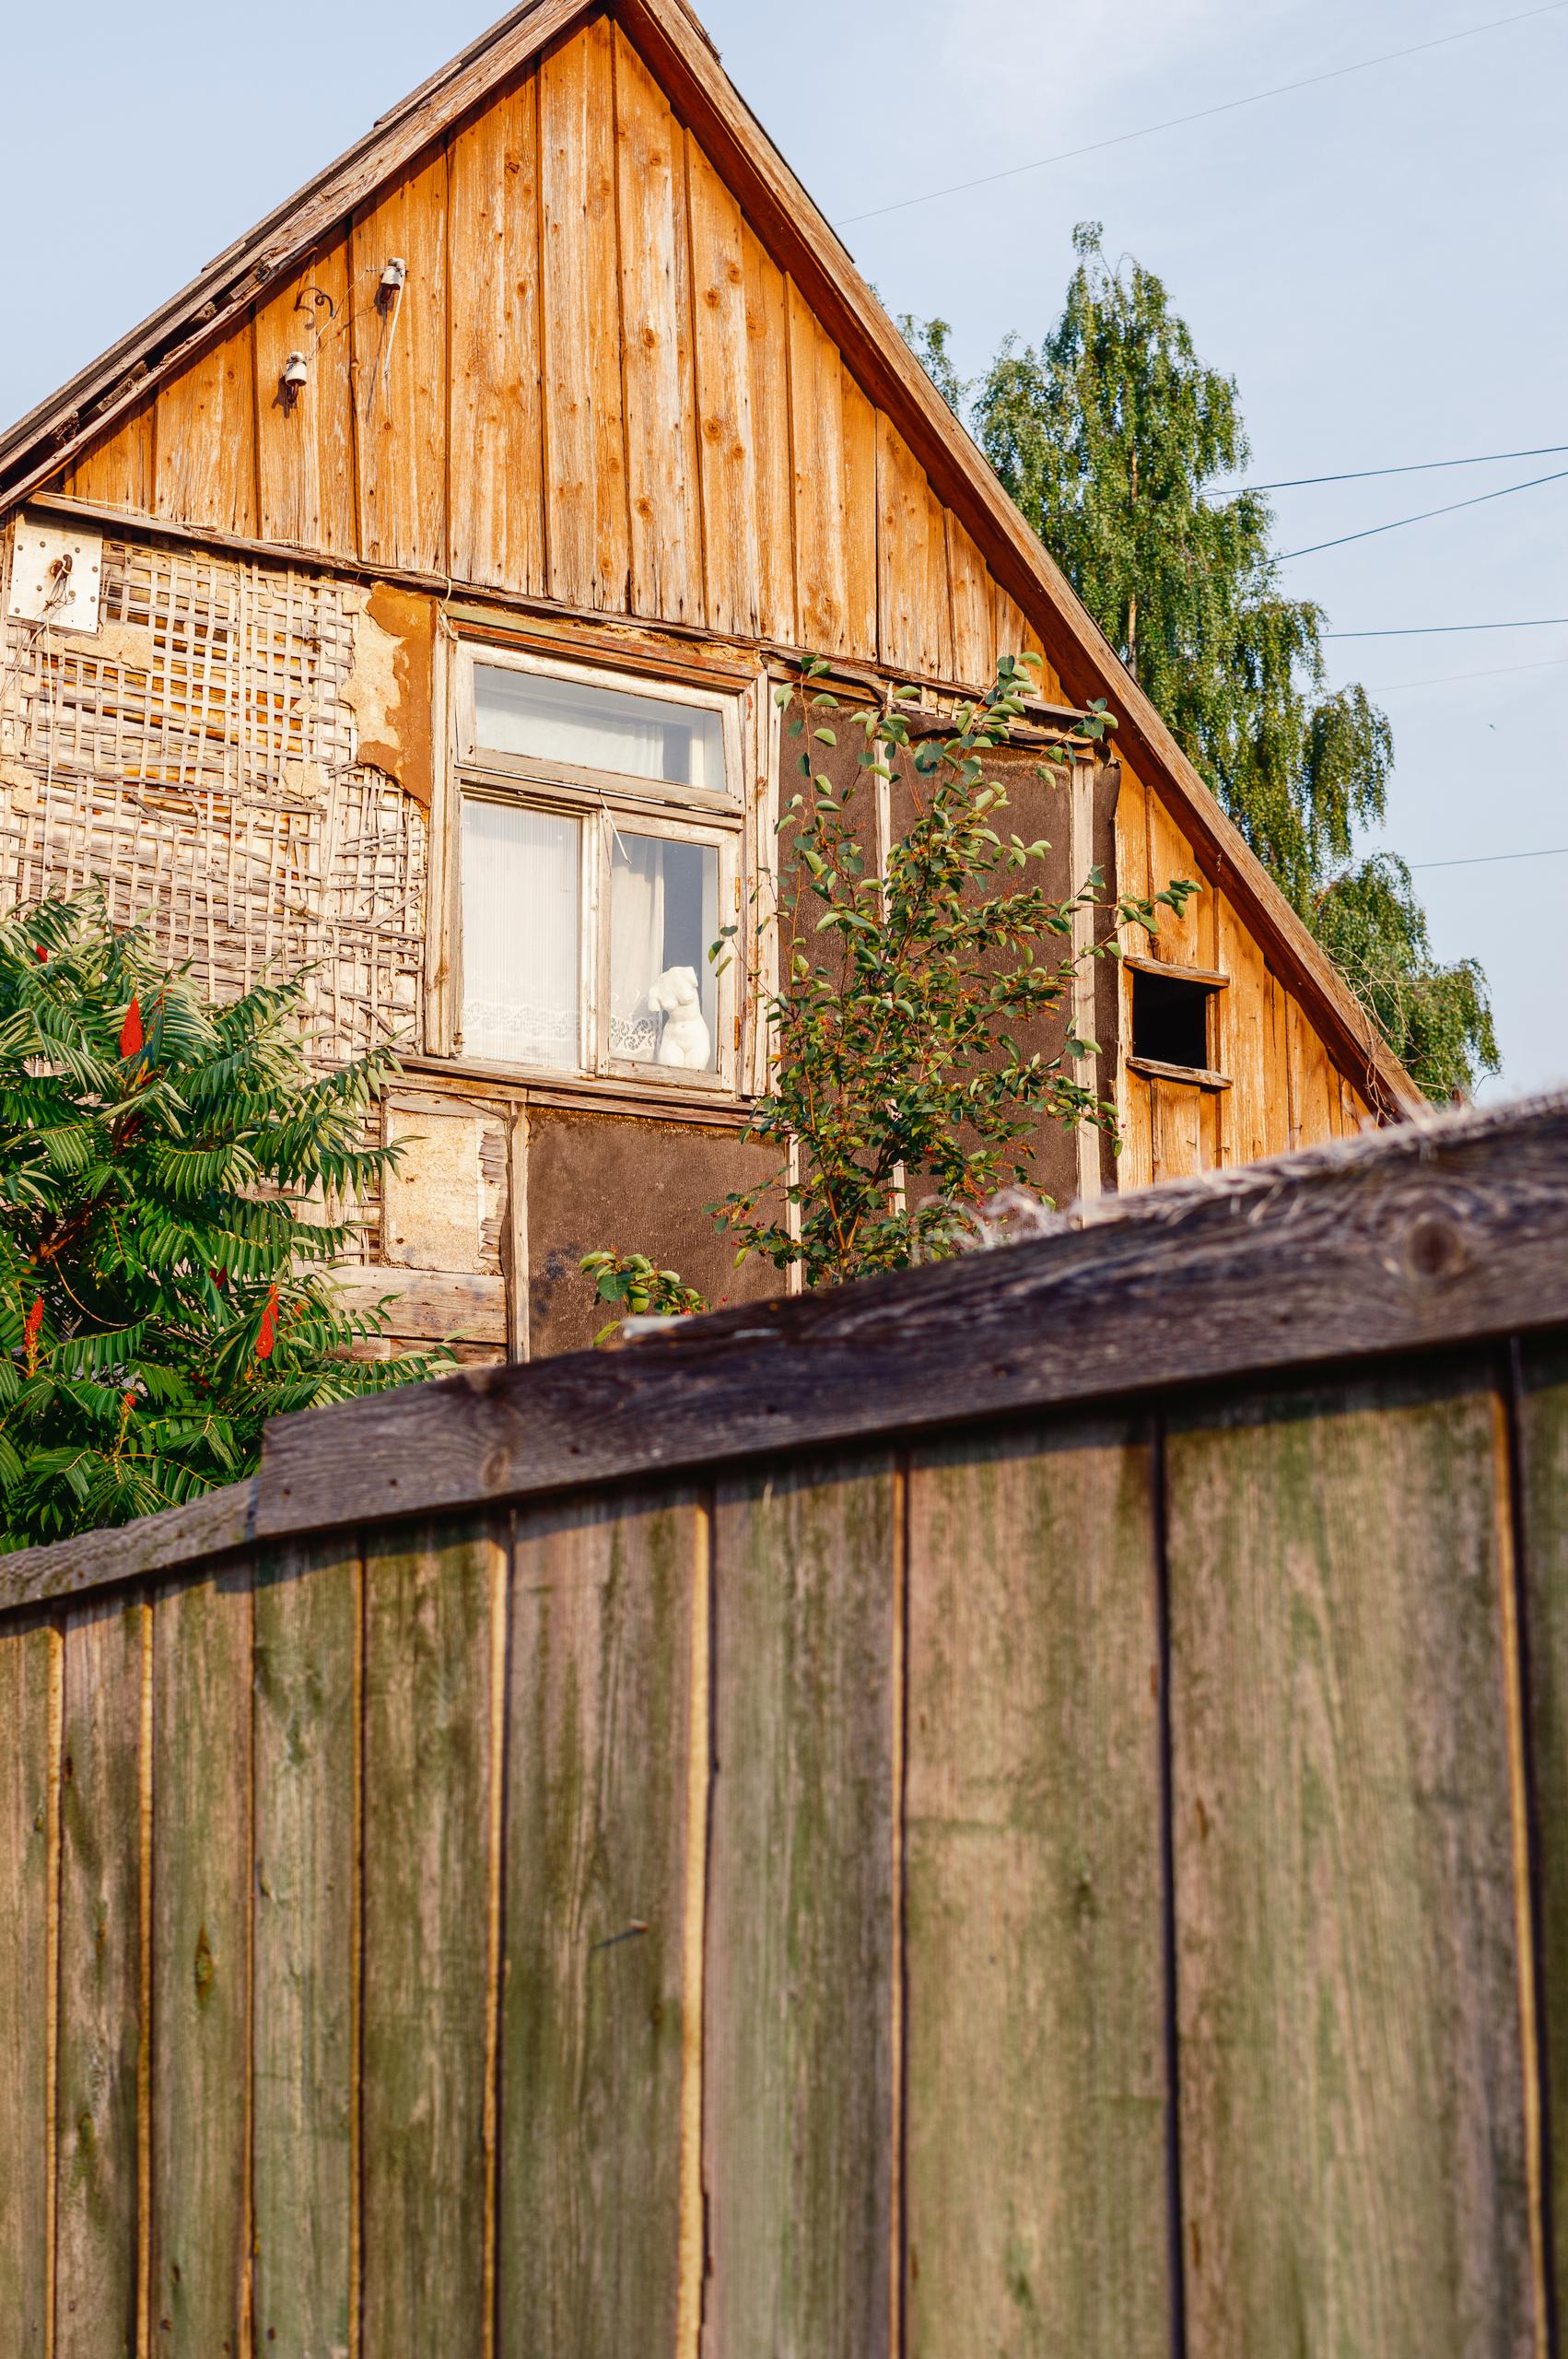 Gatvės menas Liepojoje - Vilmantas Ramonas